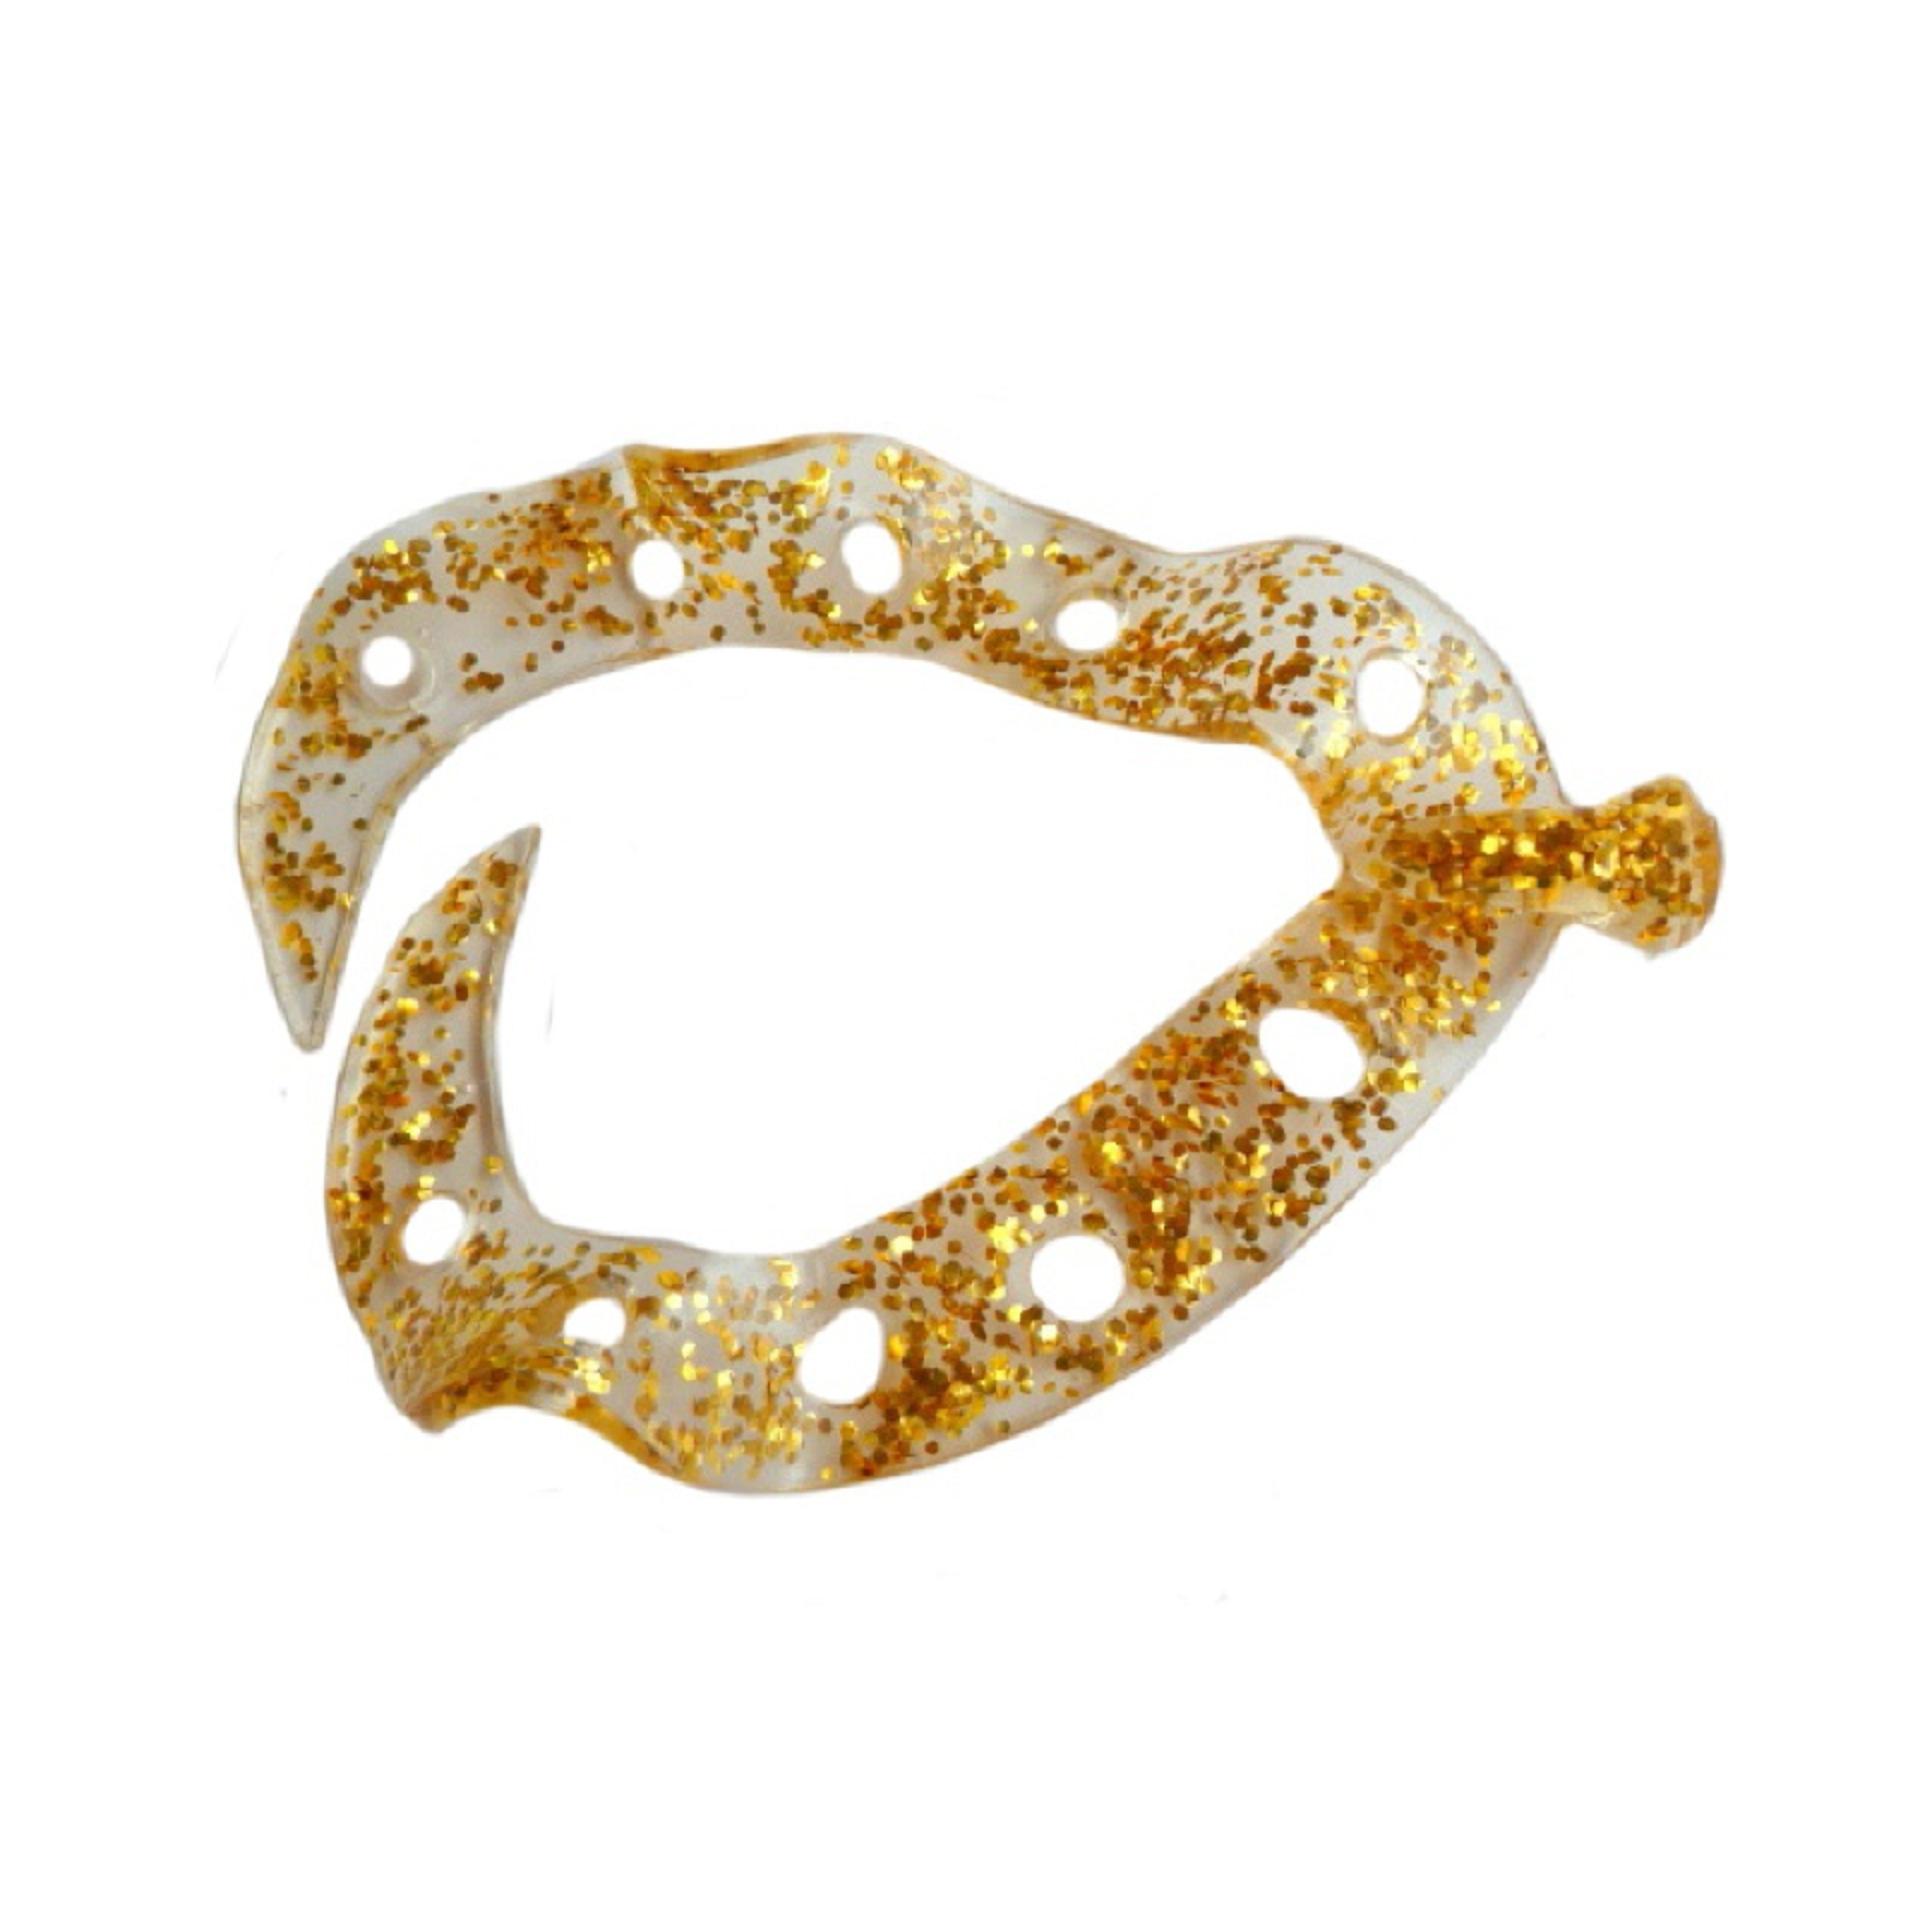 Tullibee Gold Glitter